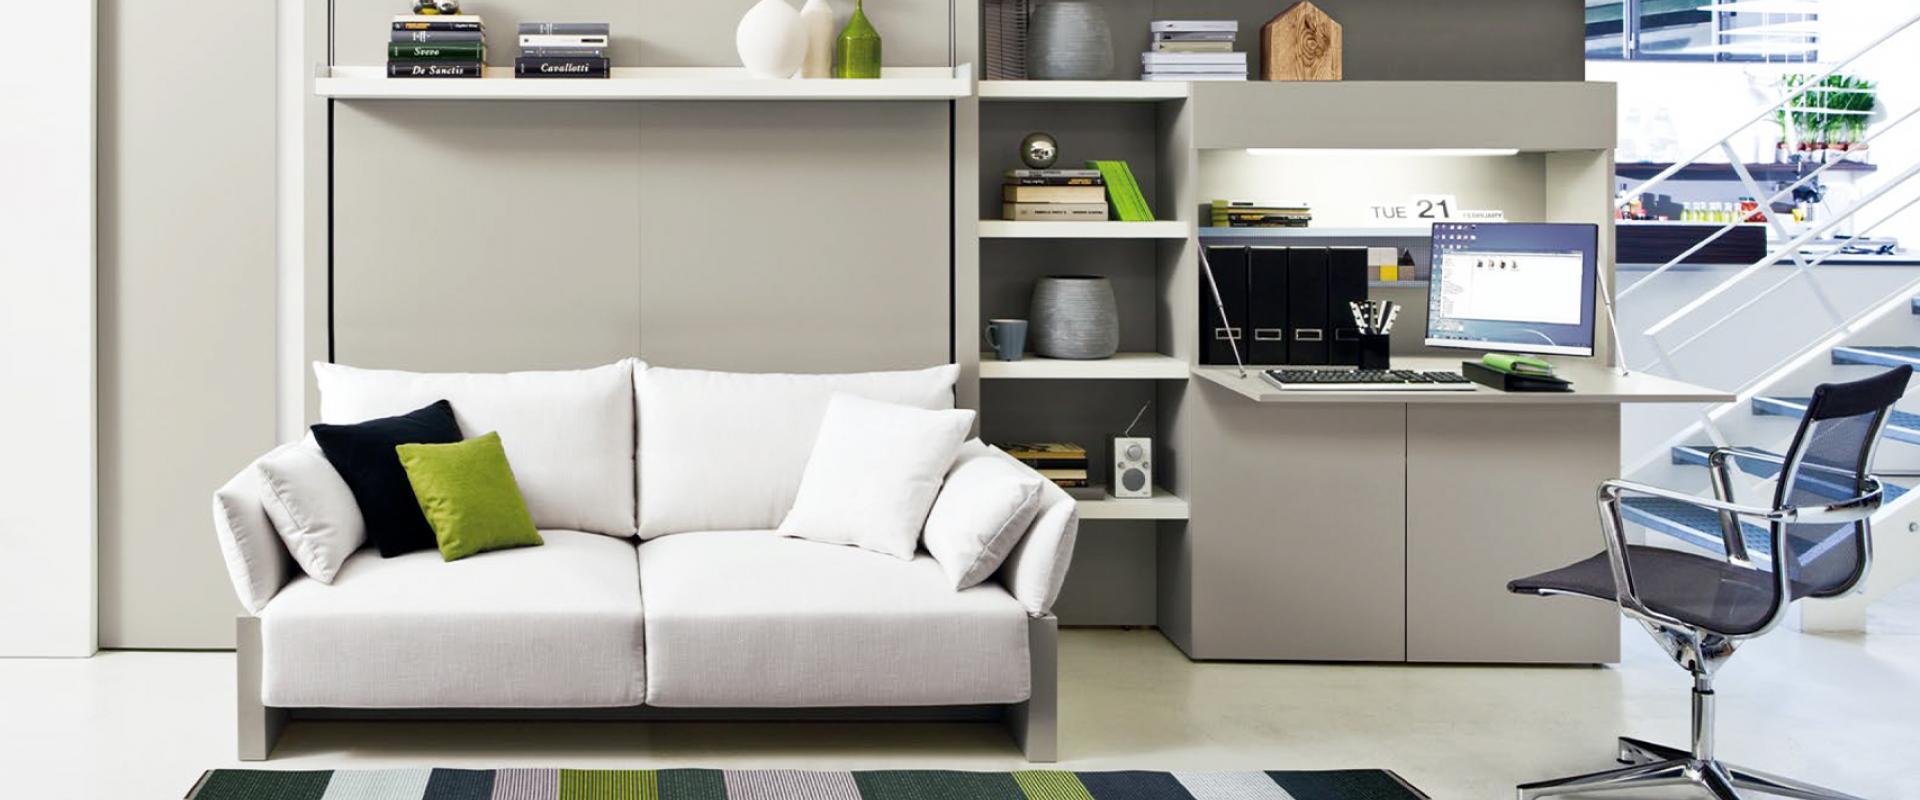 Creare un ufficio in casa idee per un arredamento for Creare arredamento casa online